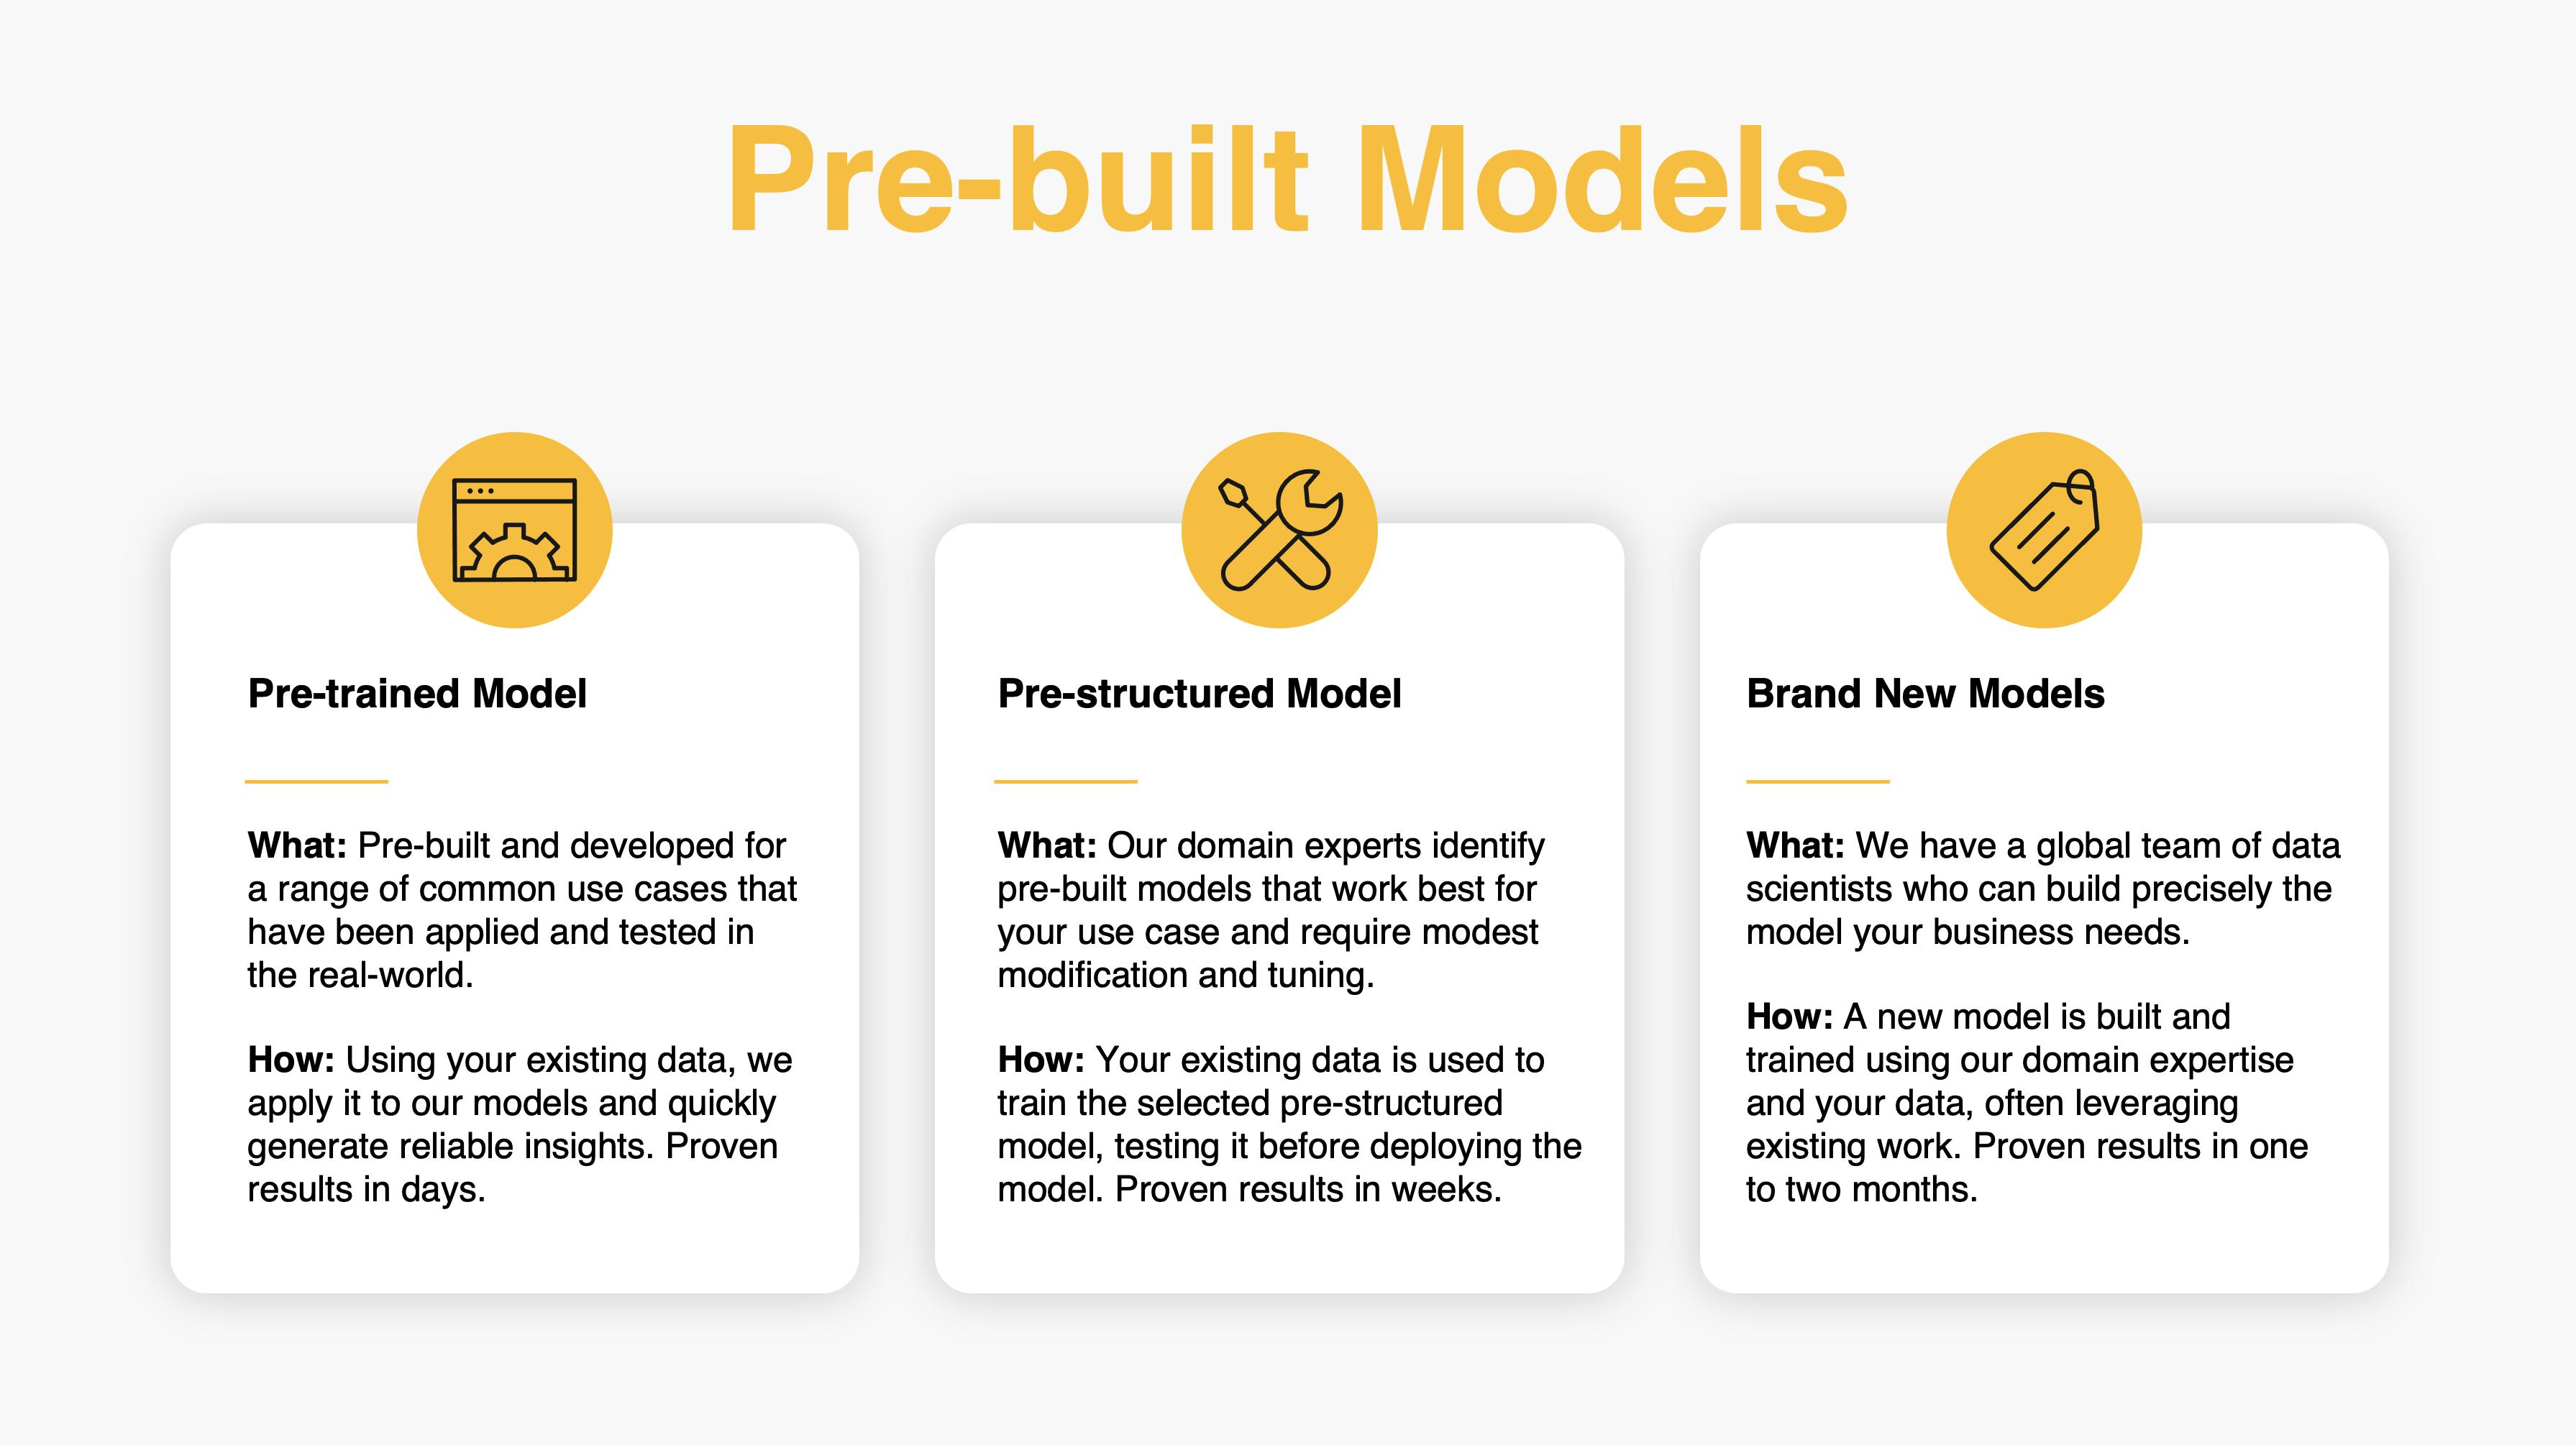 Electrif Ai Pre built Models Graphic